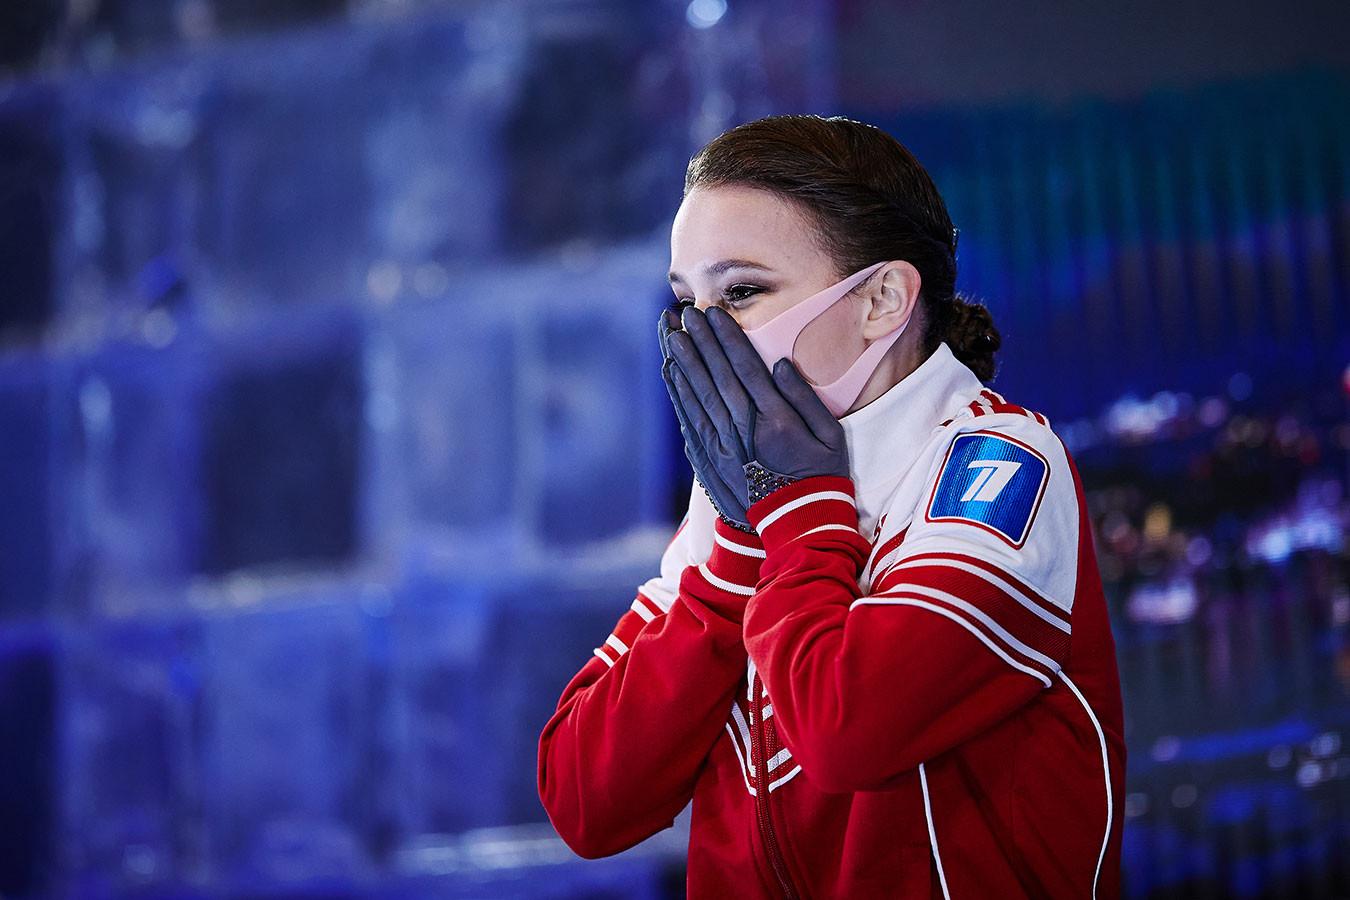 Щербакова смеялась на пьедестале, Трусова с боем добилась медали. Фото победы России на ЧМ